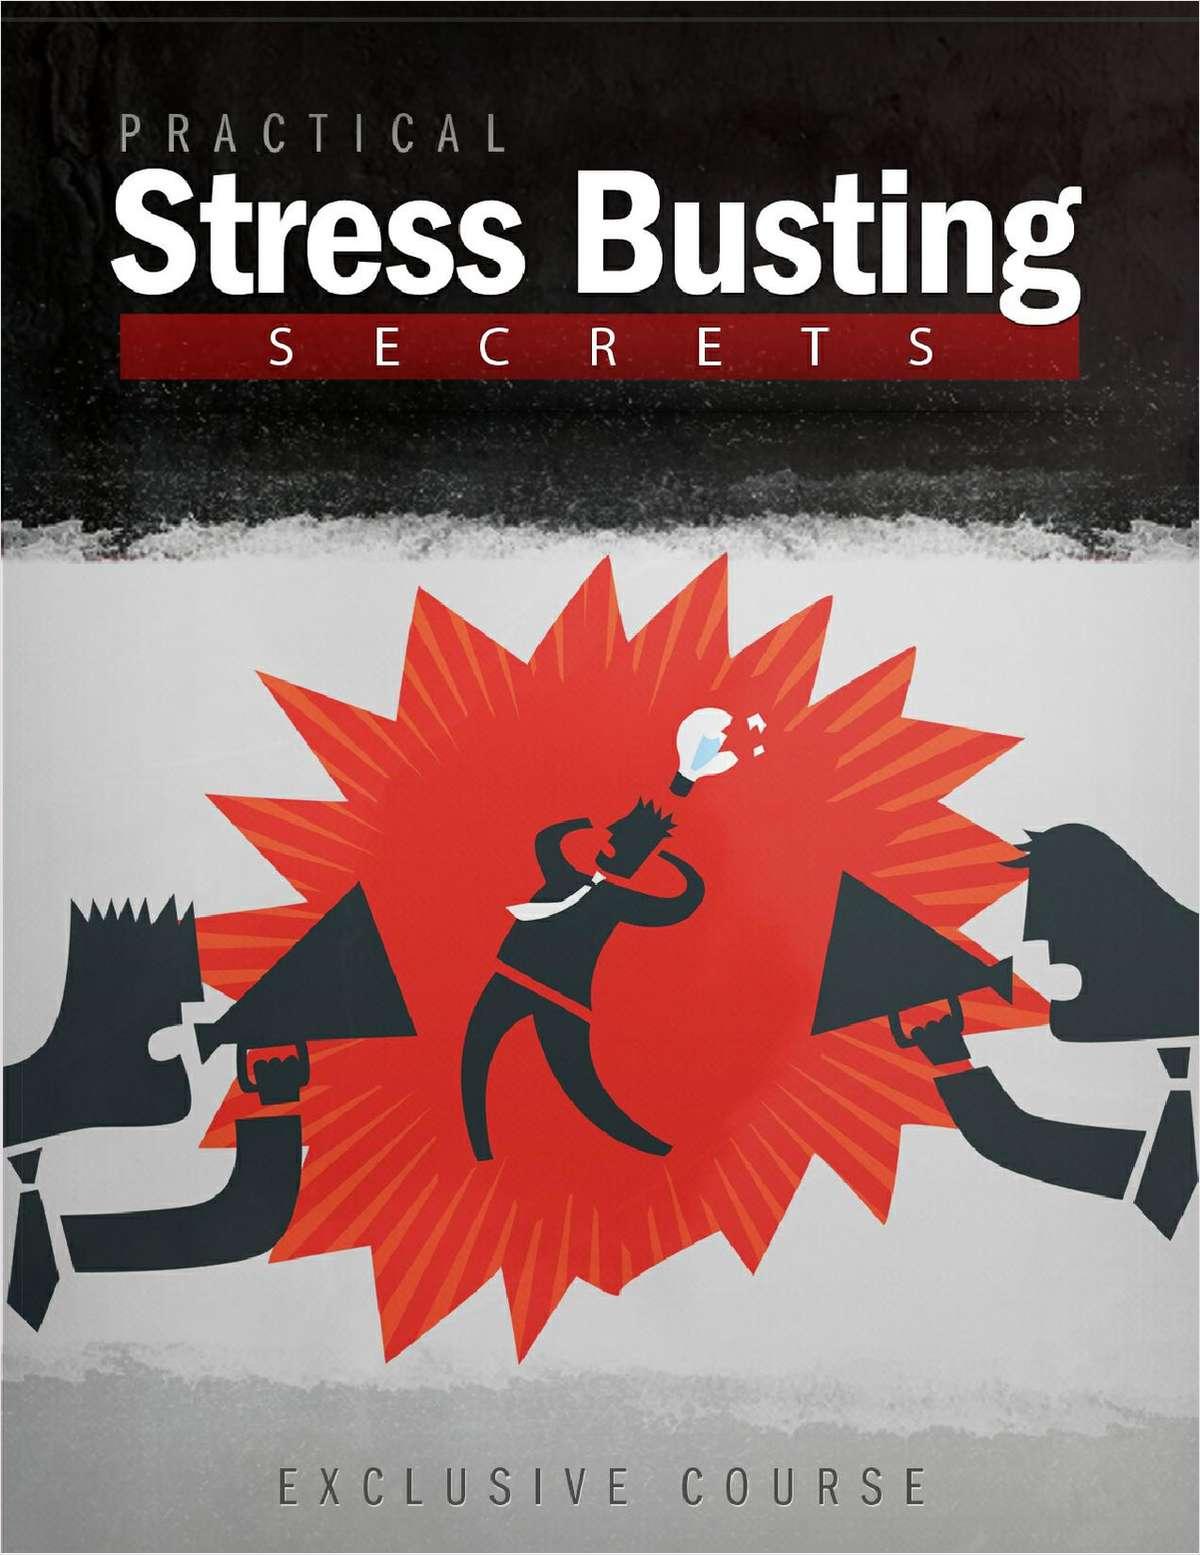 Practical Stress Busting Secrets